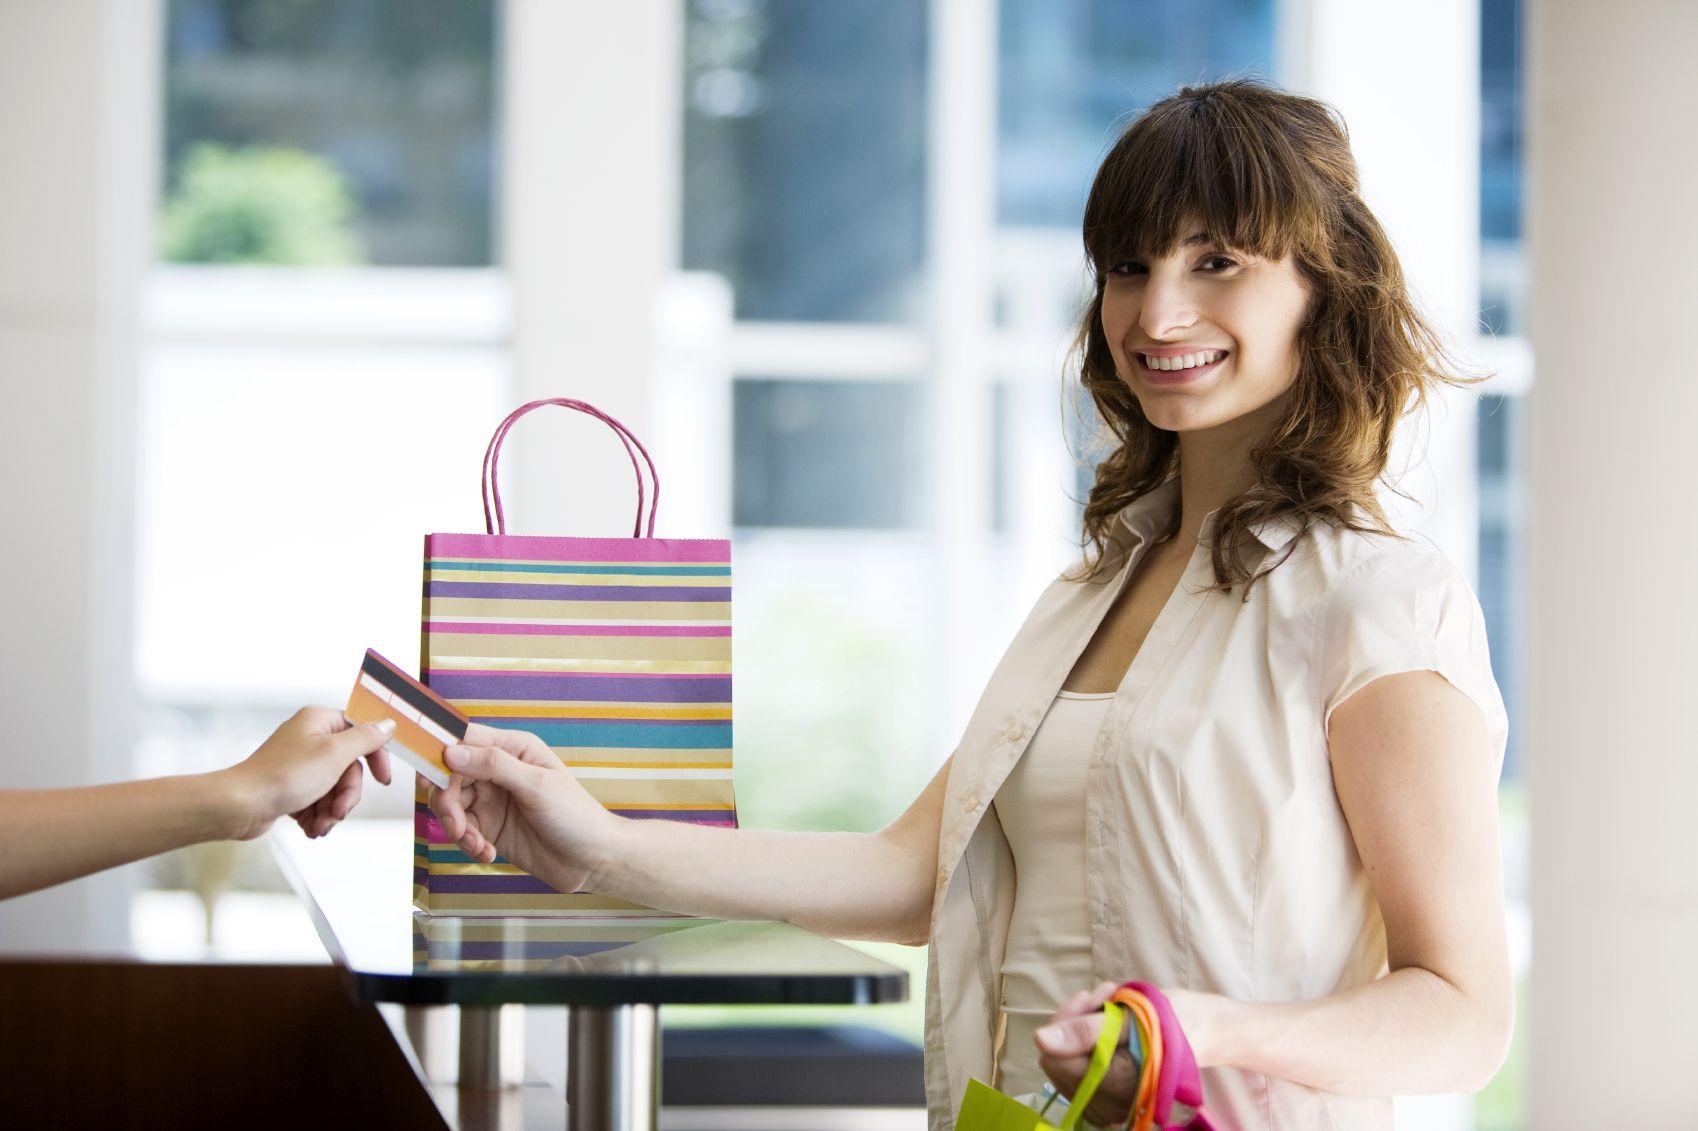 Mujer pagando con tarjeta de recompensas